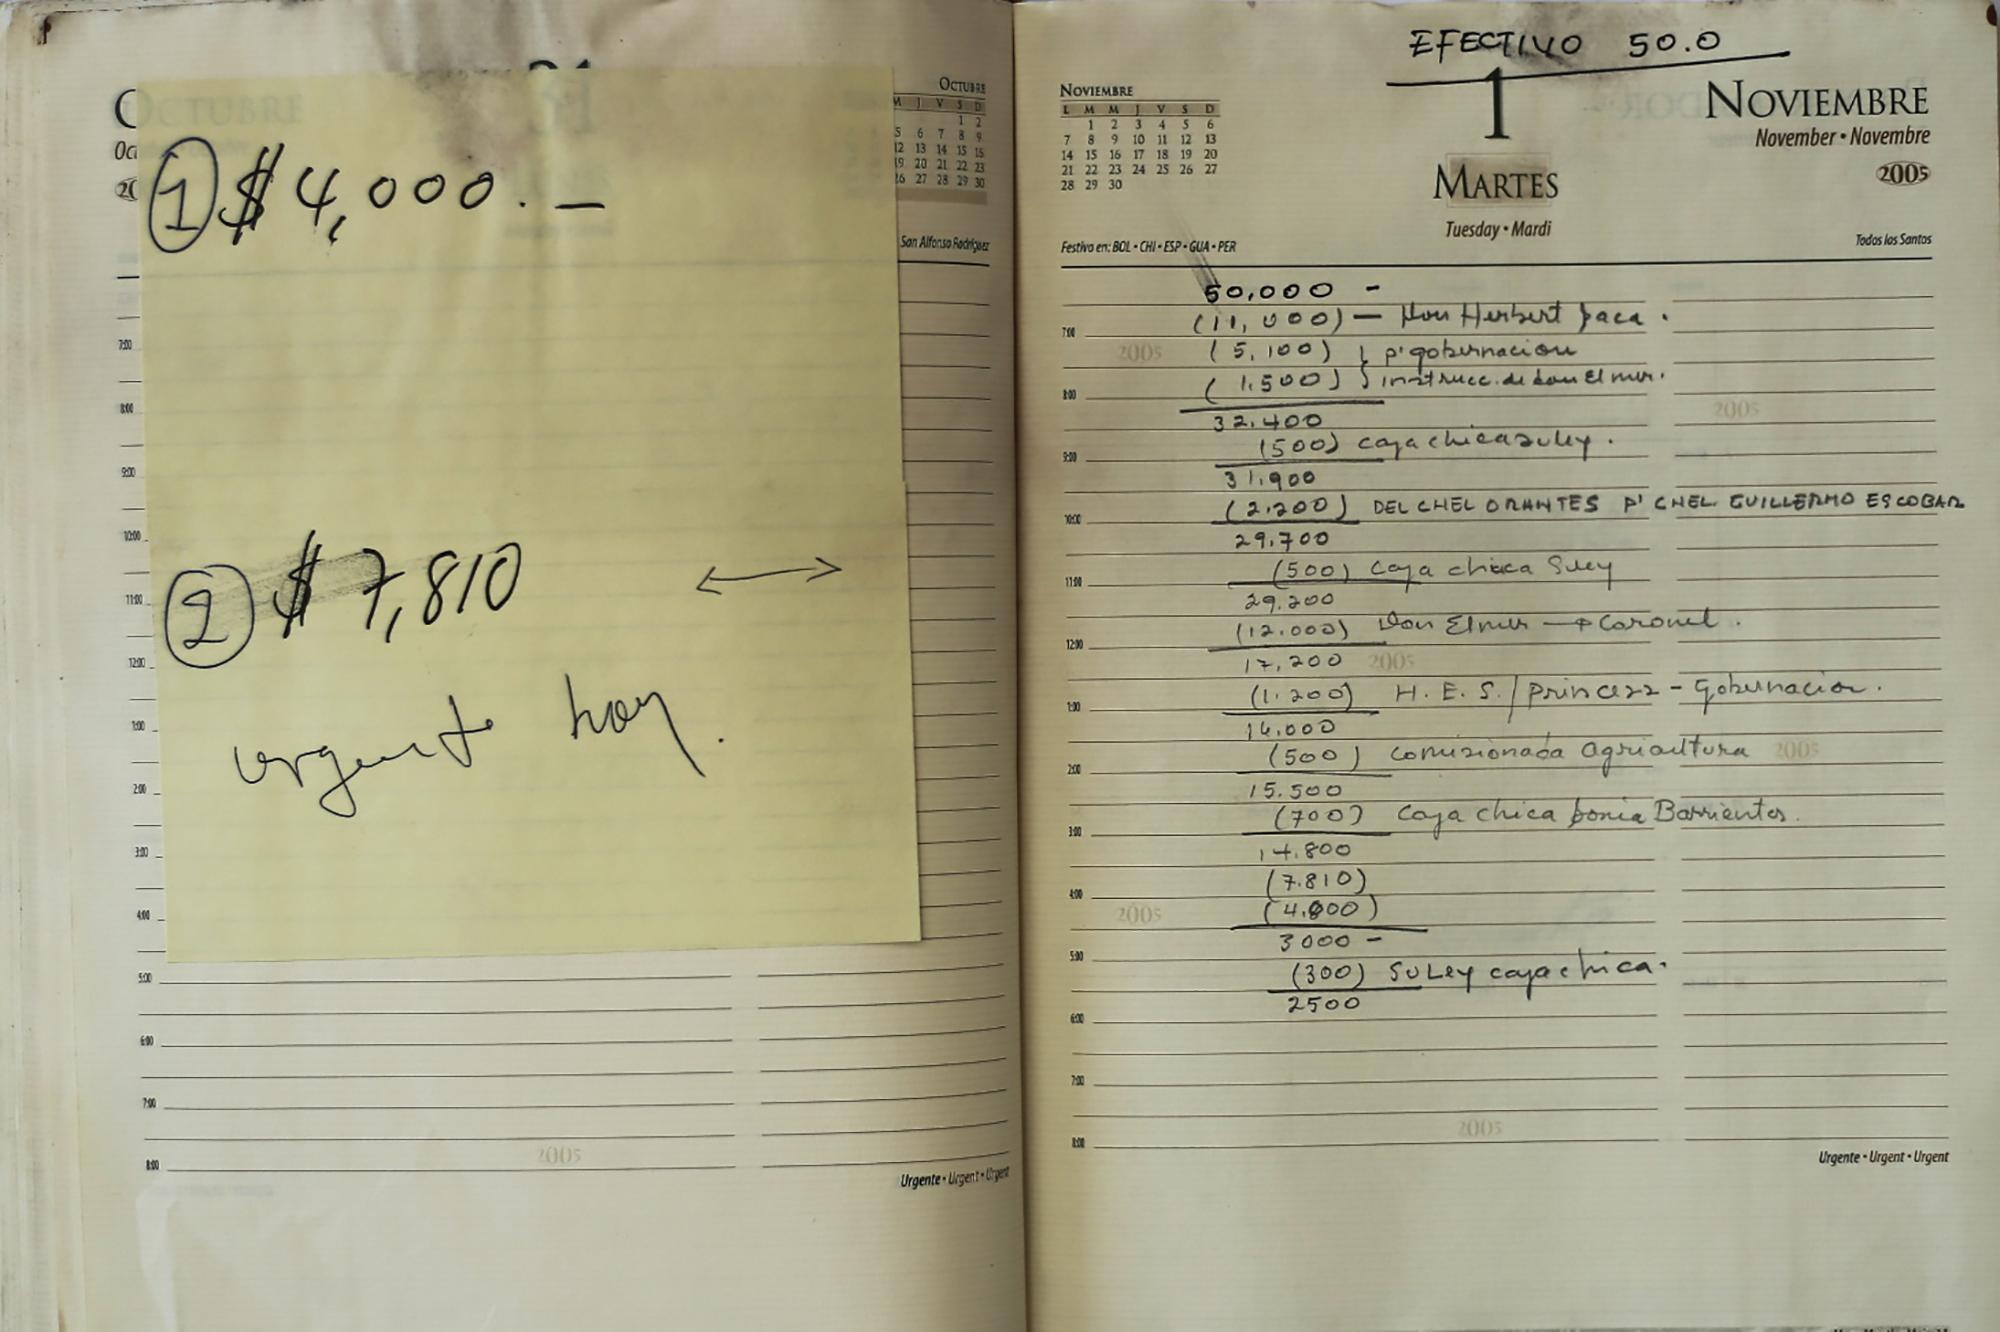 Esta agenda, escrita de puño y letra por un funcionario de la administración Saca, se llevaba la contabilidad paralela del año 2005 de la administración Saca. El 1 de noviembre de ese año, por ejemplo, se registra el nombre de Herbert Saca: